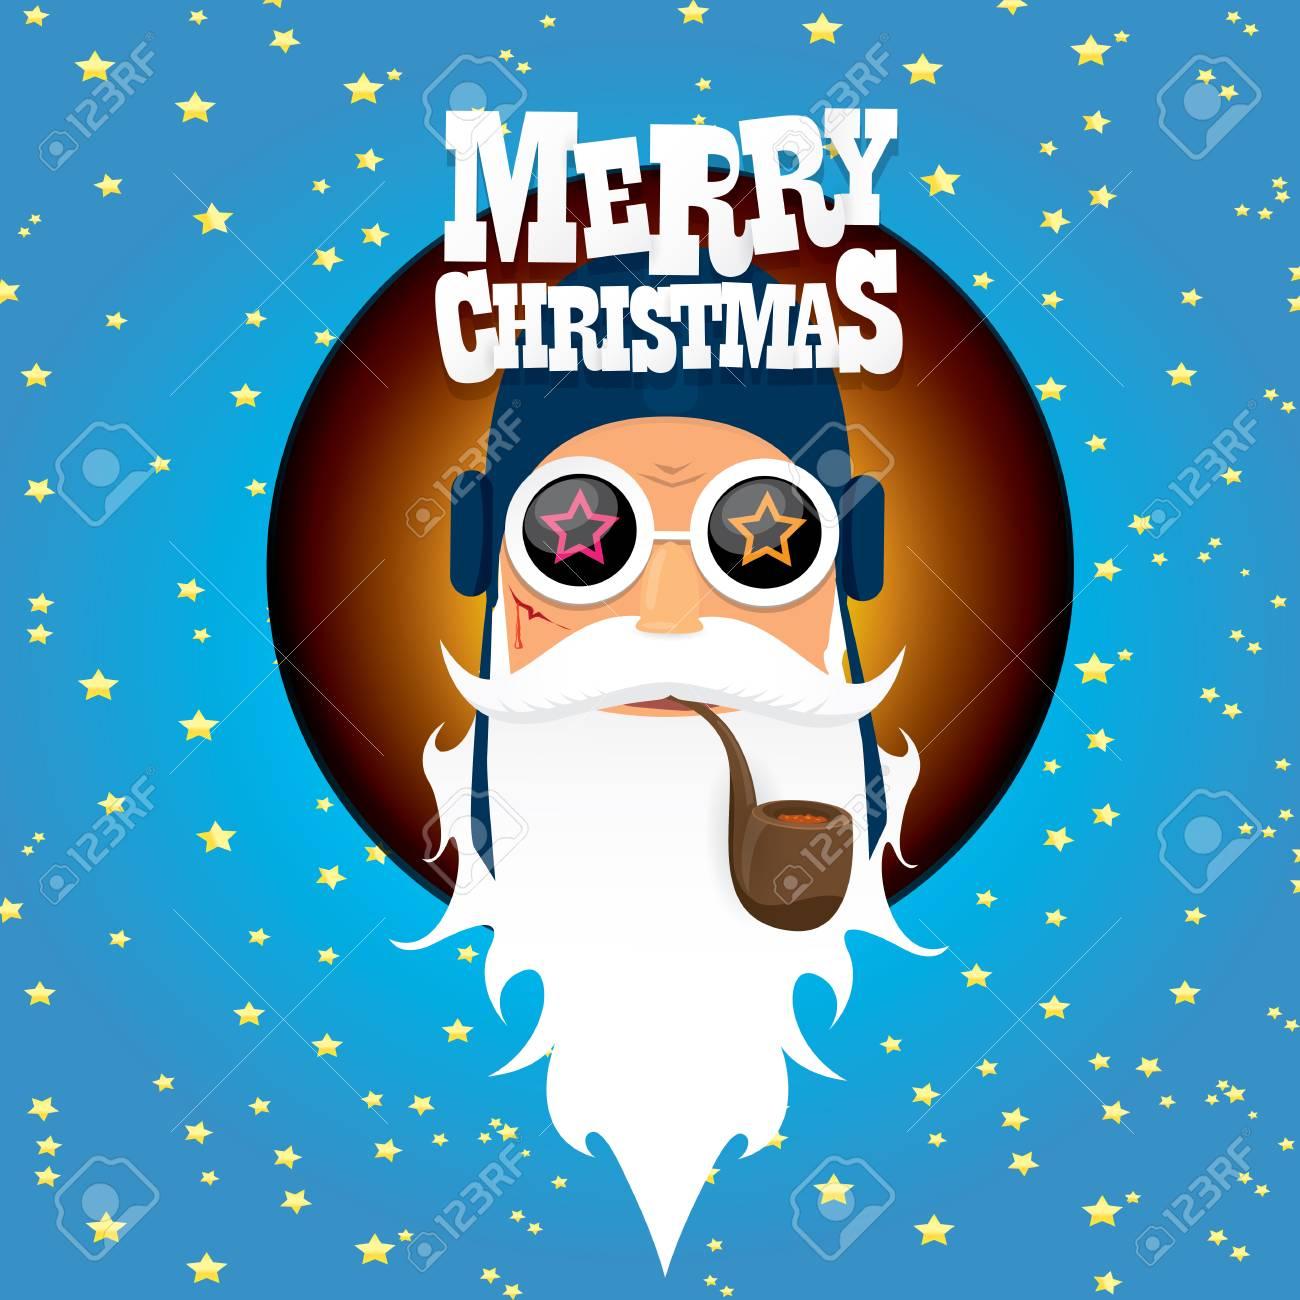 Vektor Rock N Roll Weihnachtsmann Mit Pfeife, Bart Und Funky Sankt ...